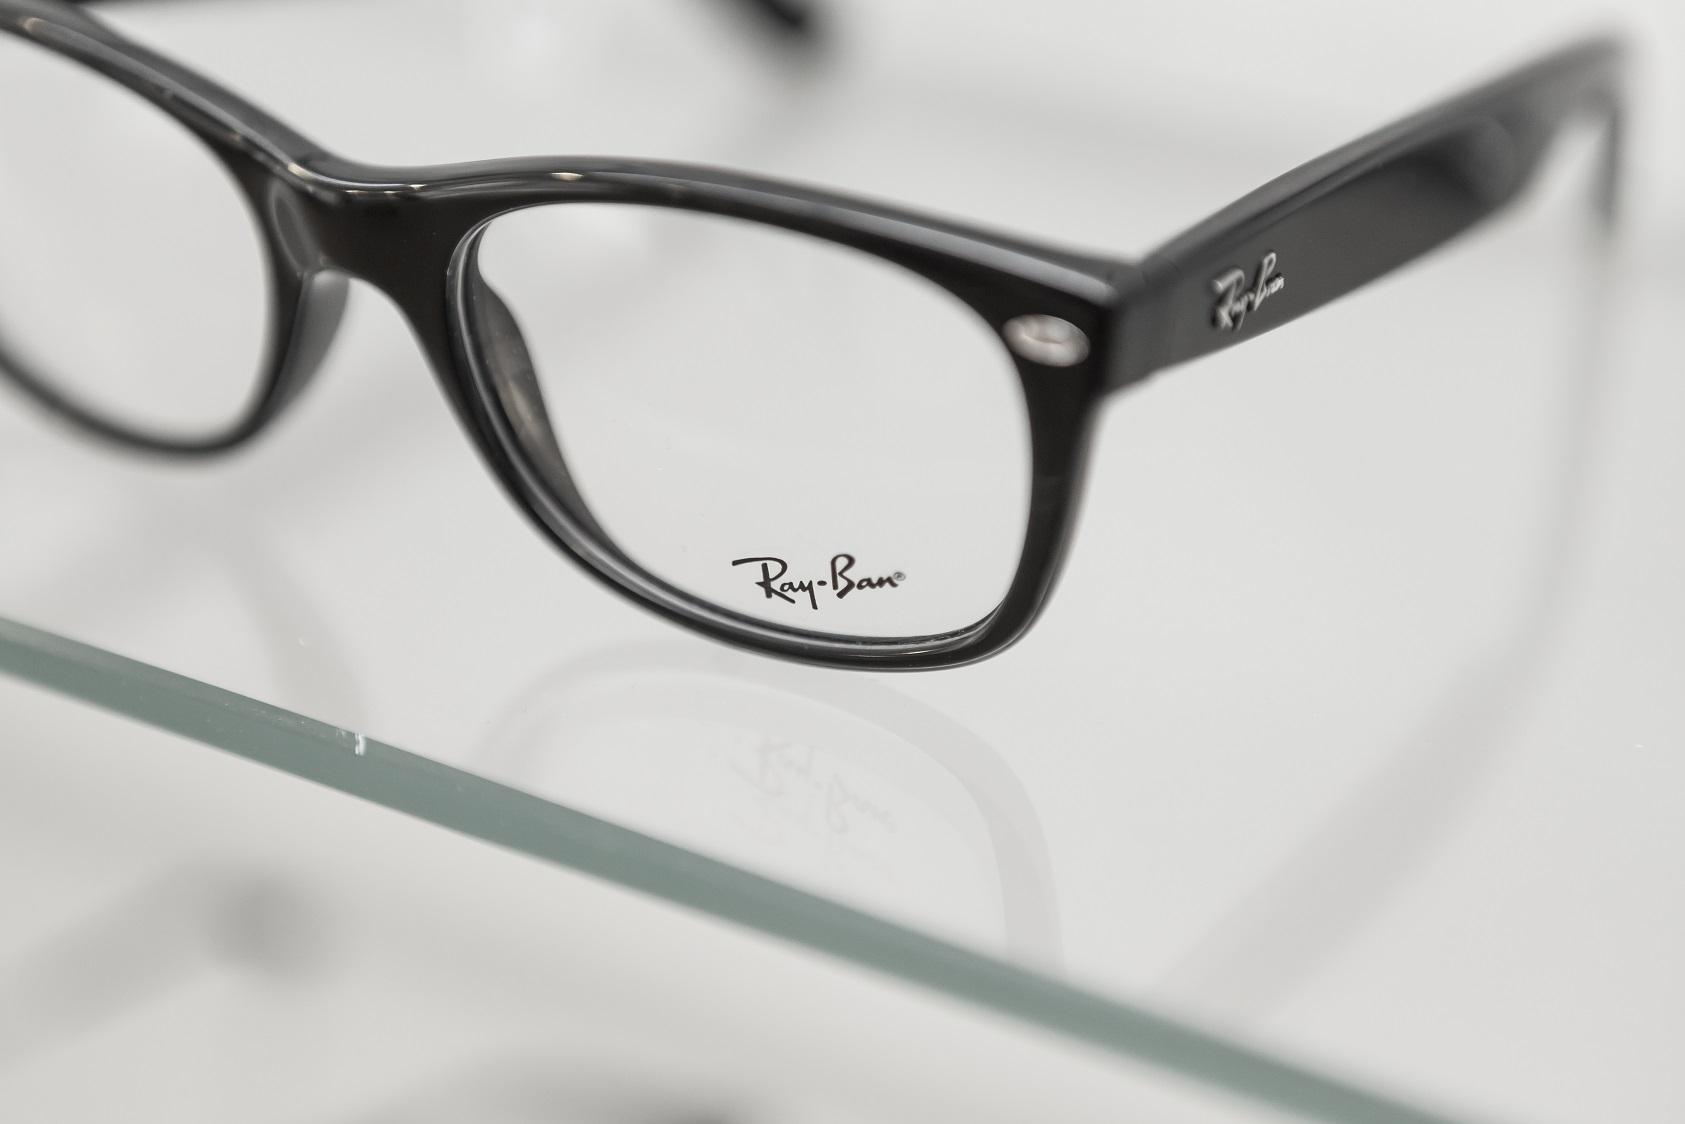 ray-ban frames on shelf leightons